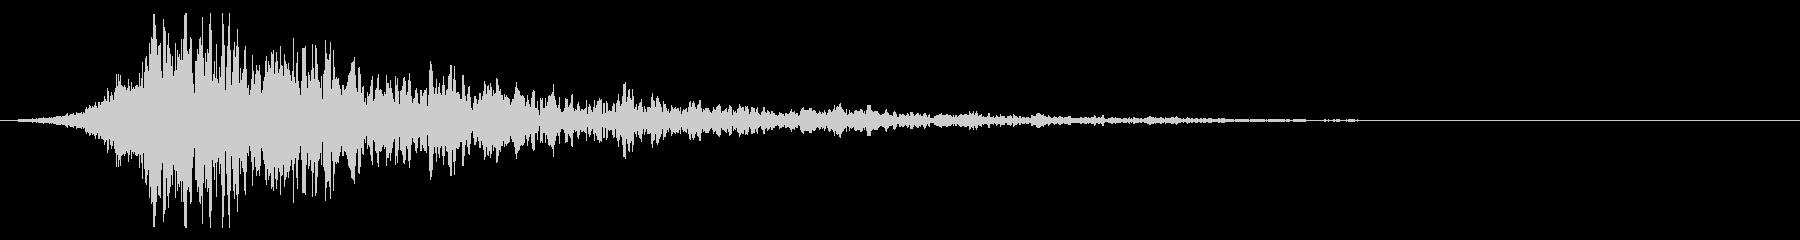 シュードーン-49-2(インパクト音)の未再生の波形